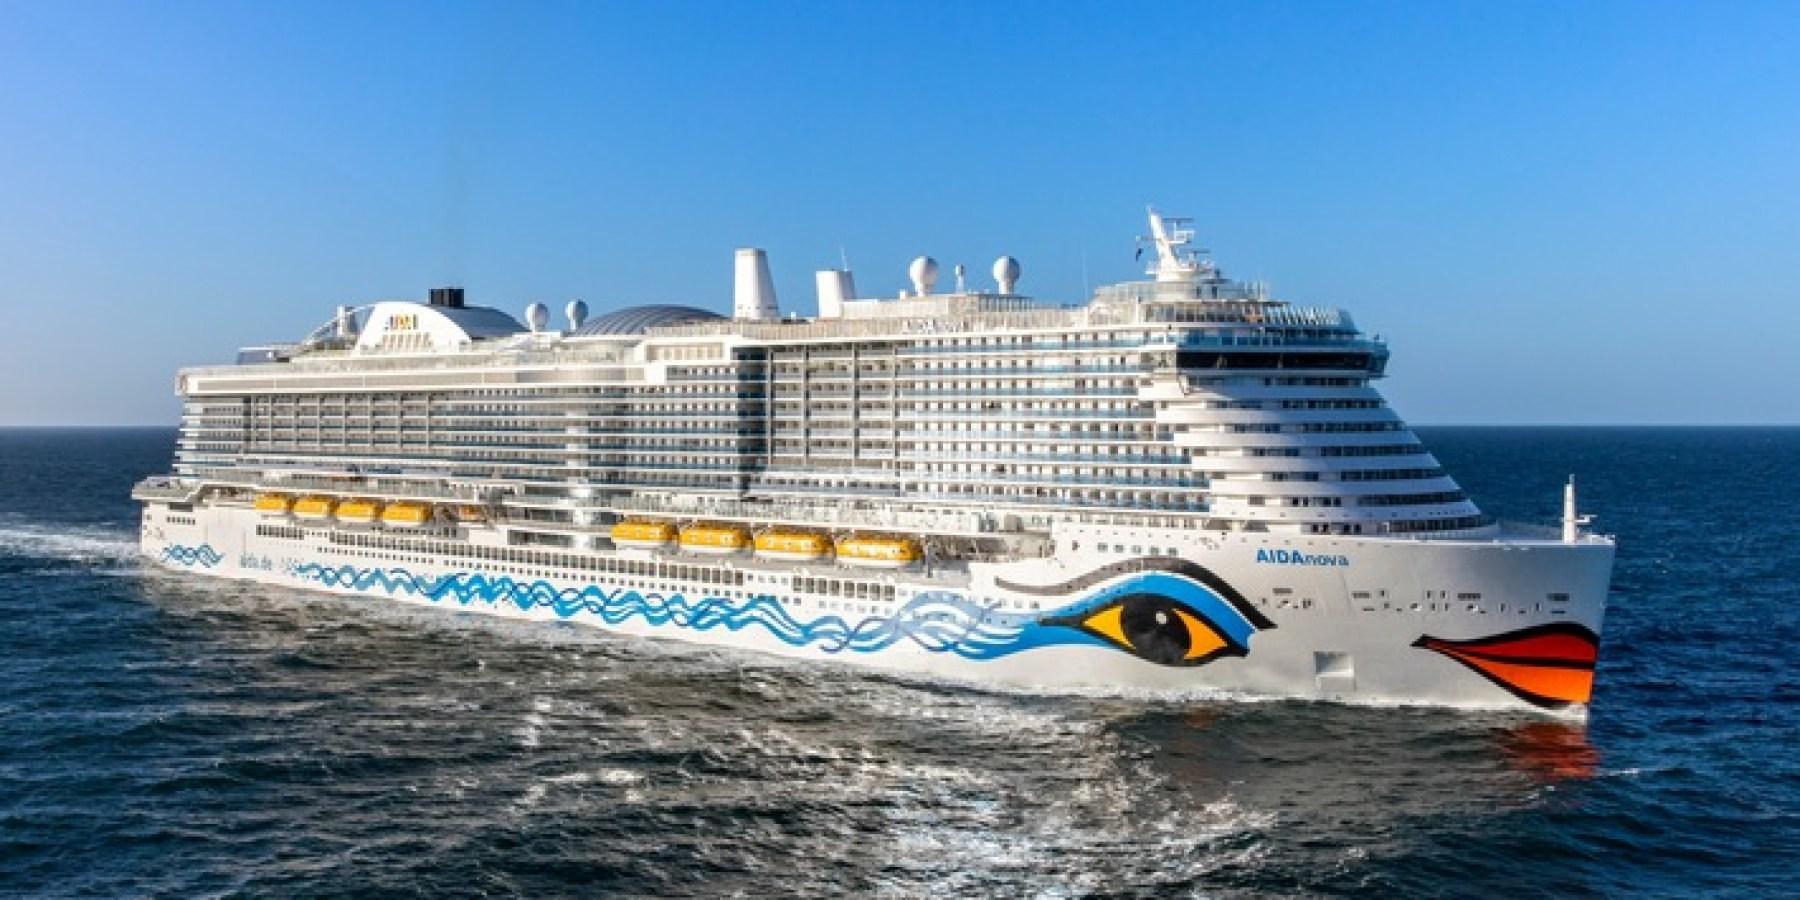 AIDA Cruises geht einen weiteren Schritt im Rahmen seiner Green Cruising Strategie